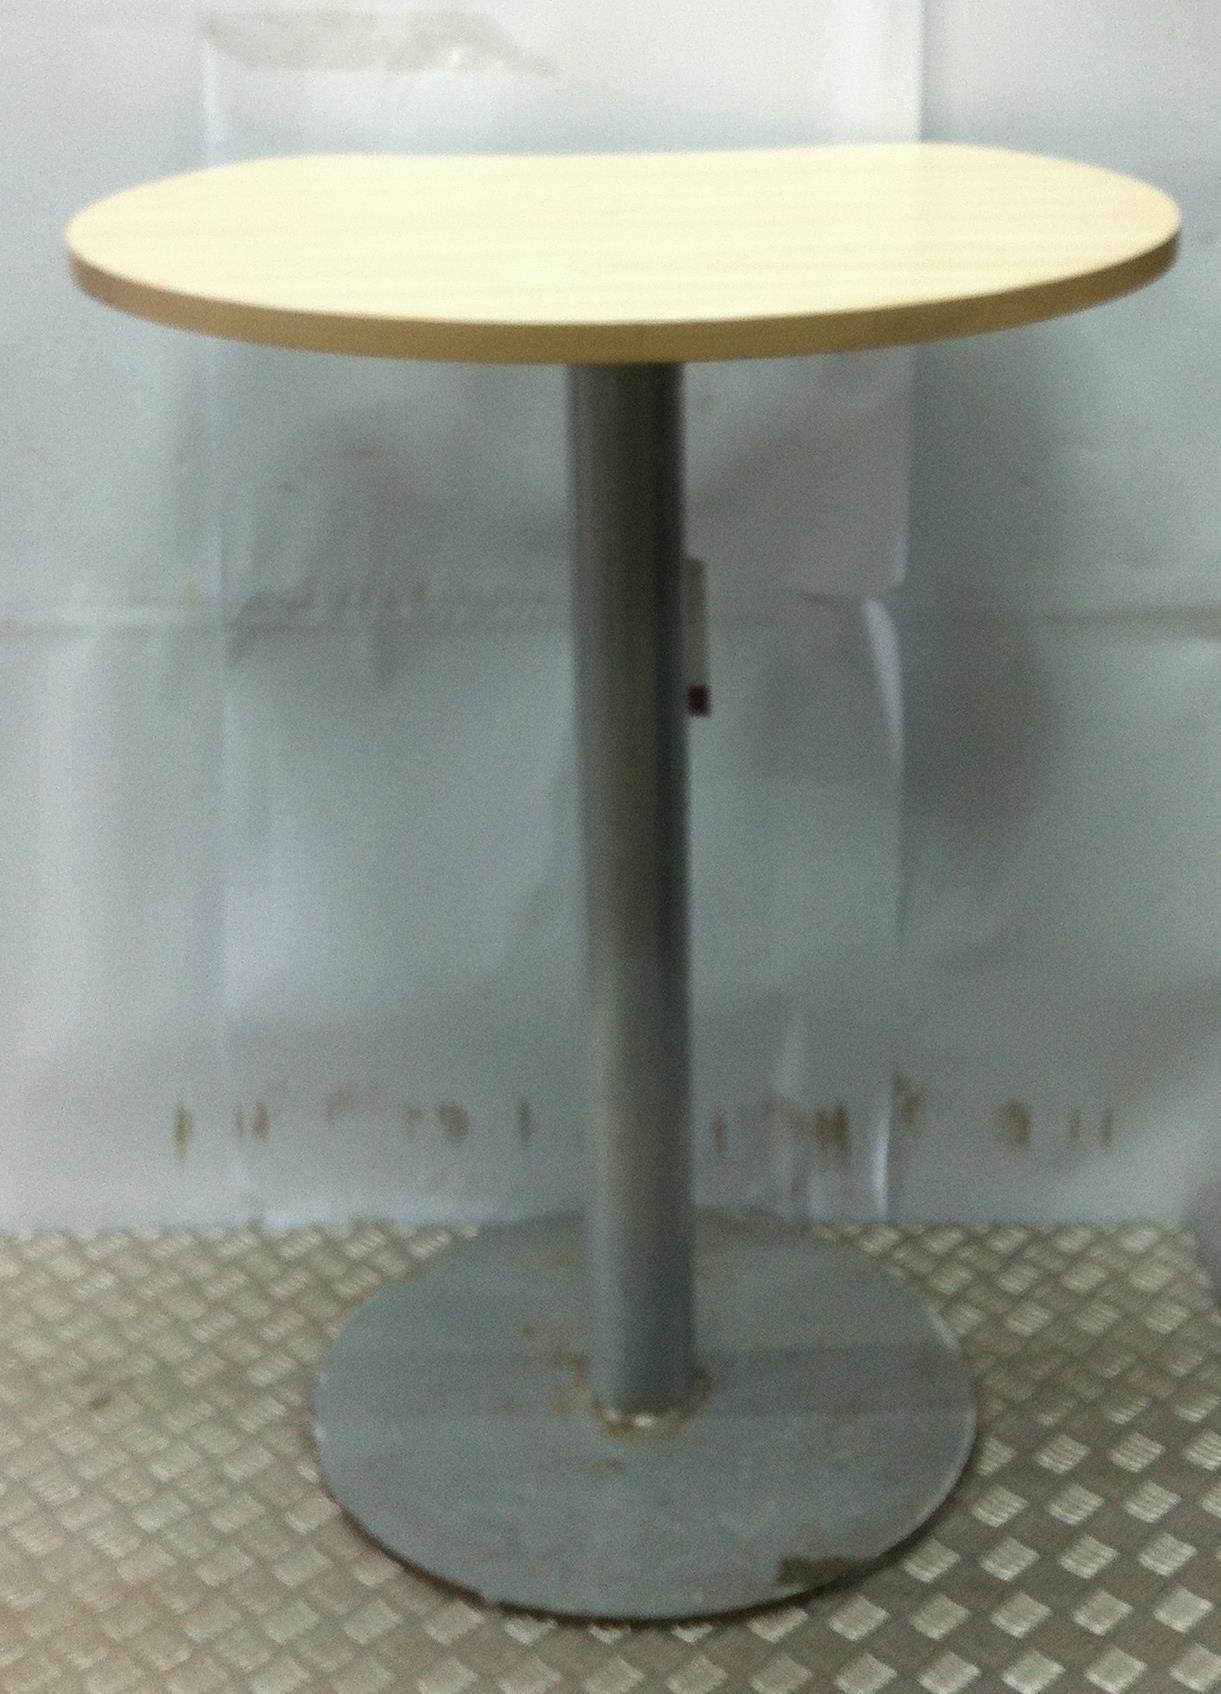 Lot 16B - Pedestal Table